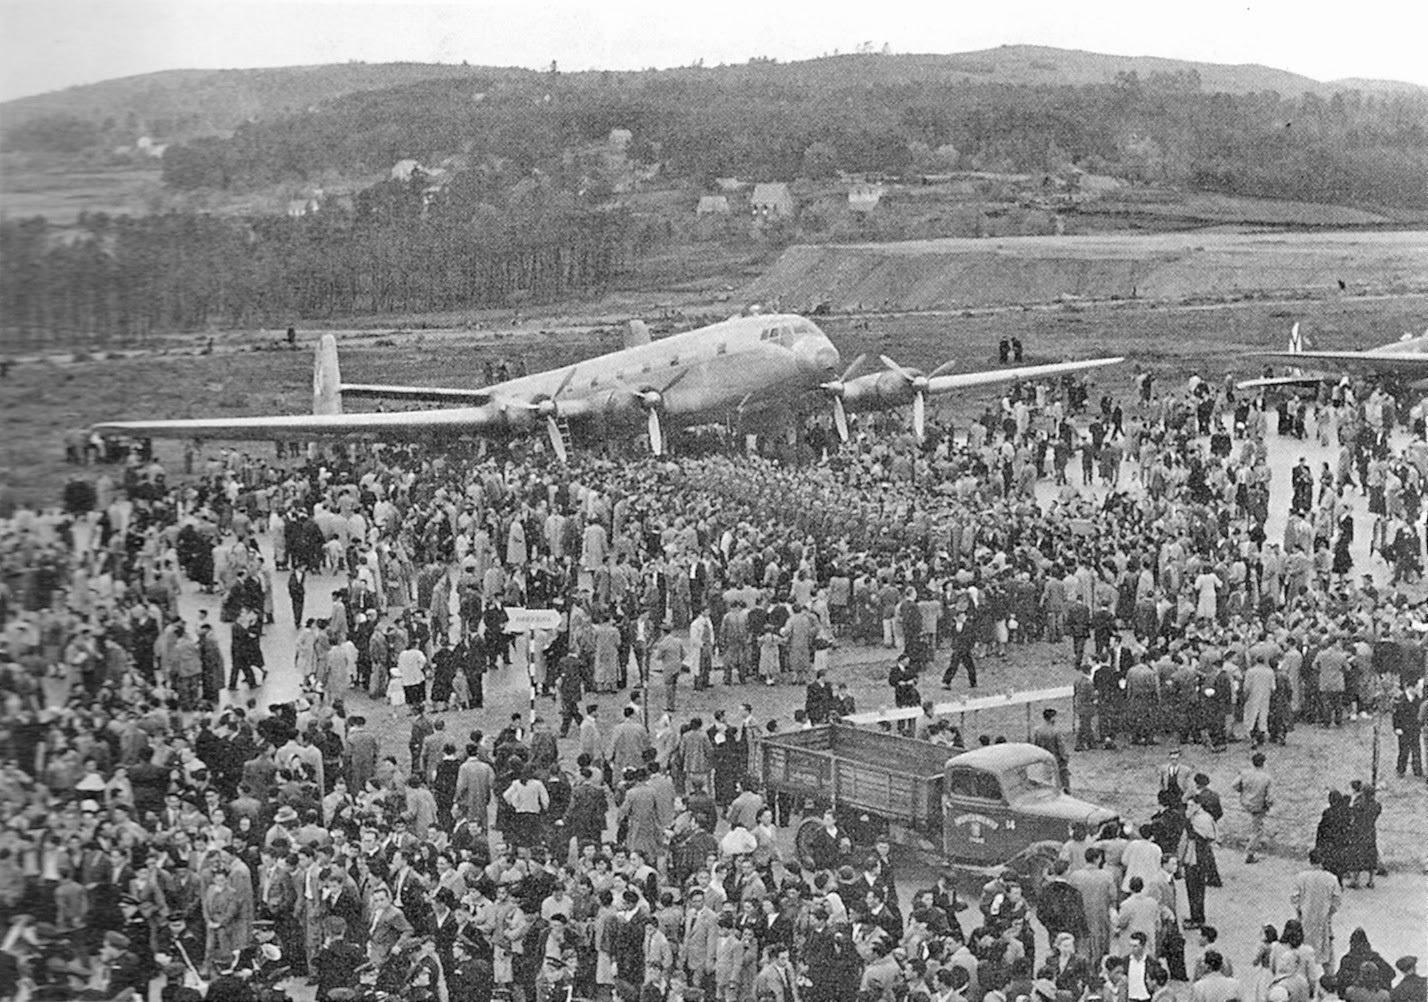 aerop. Inauguración del aeropuerto. 1954